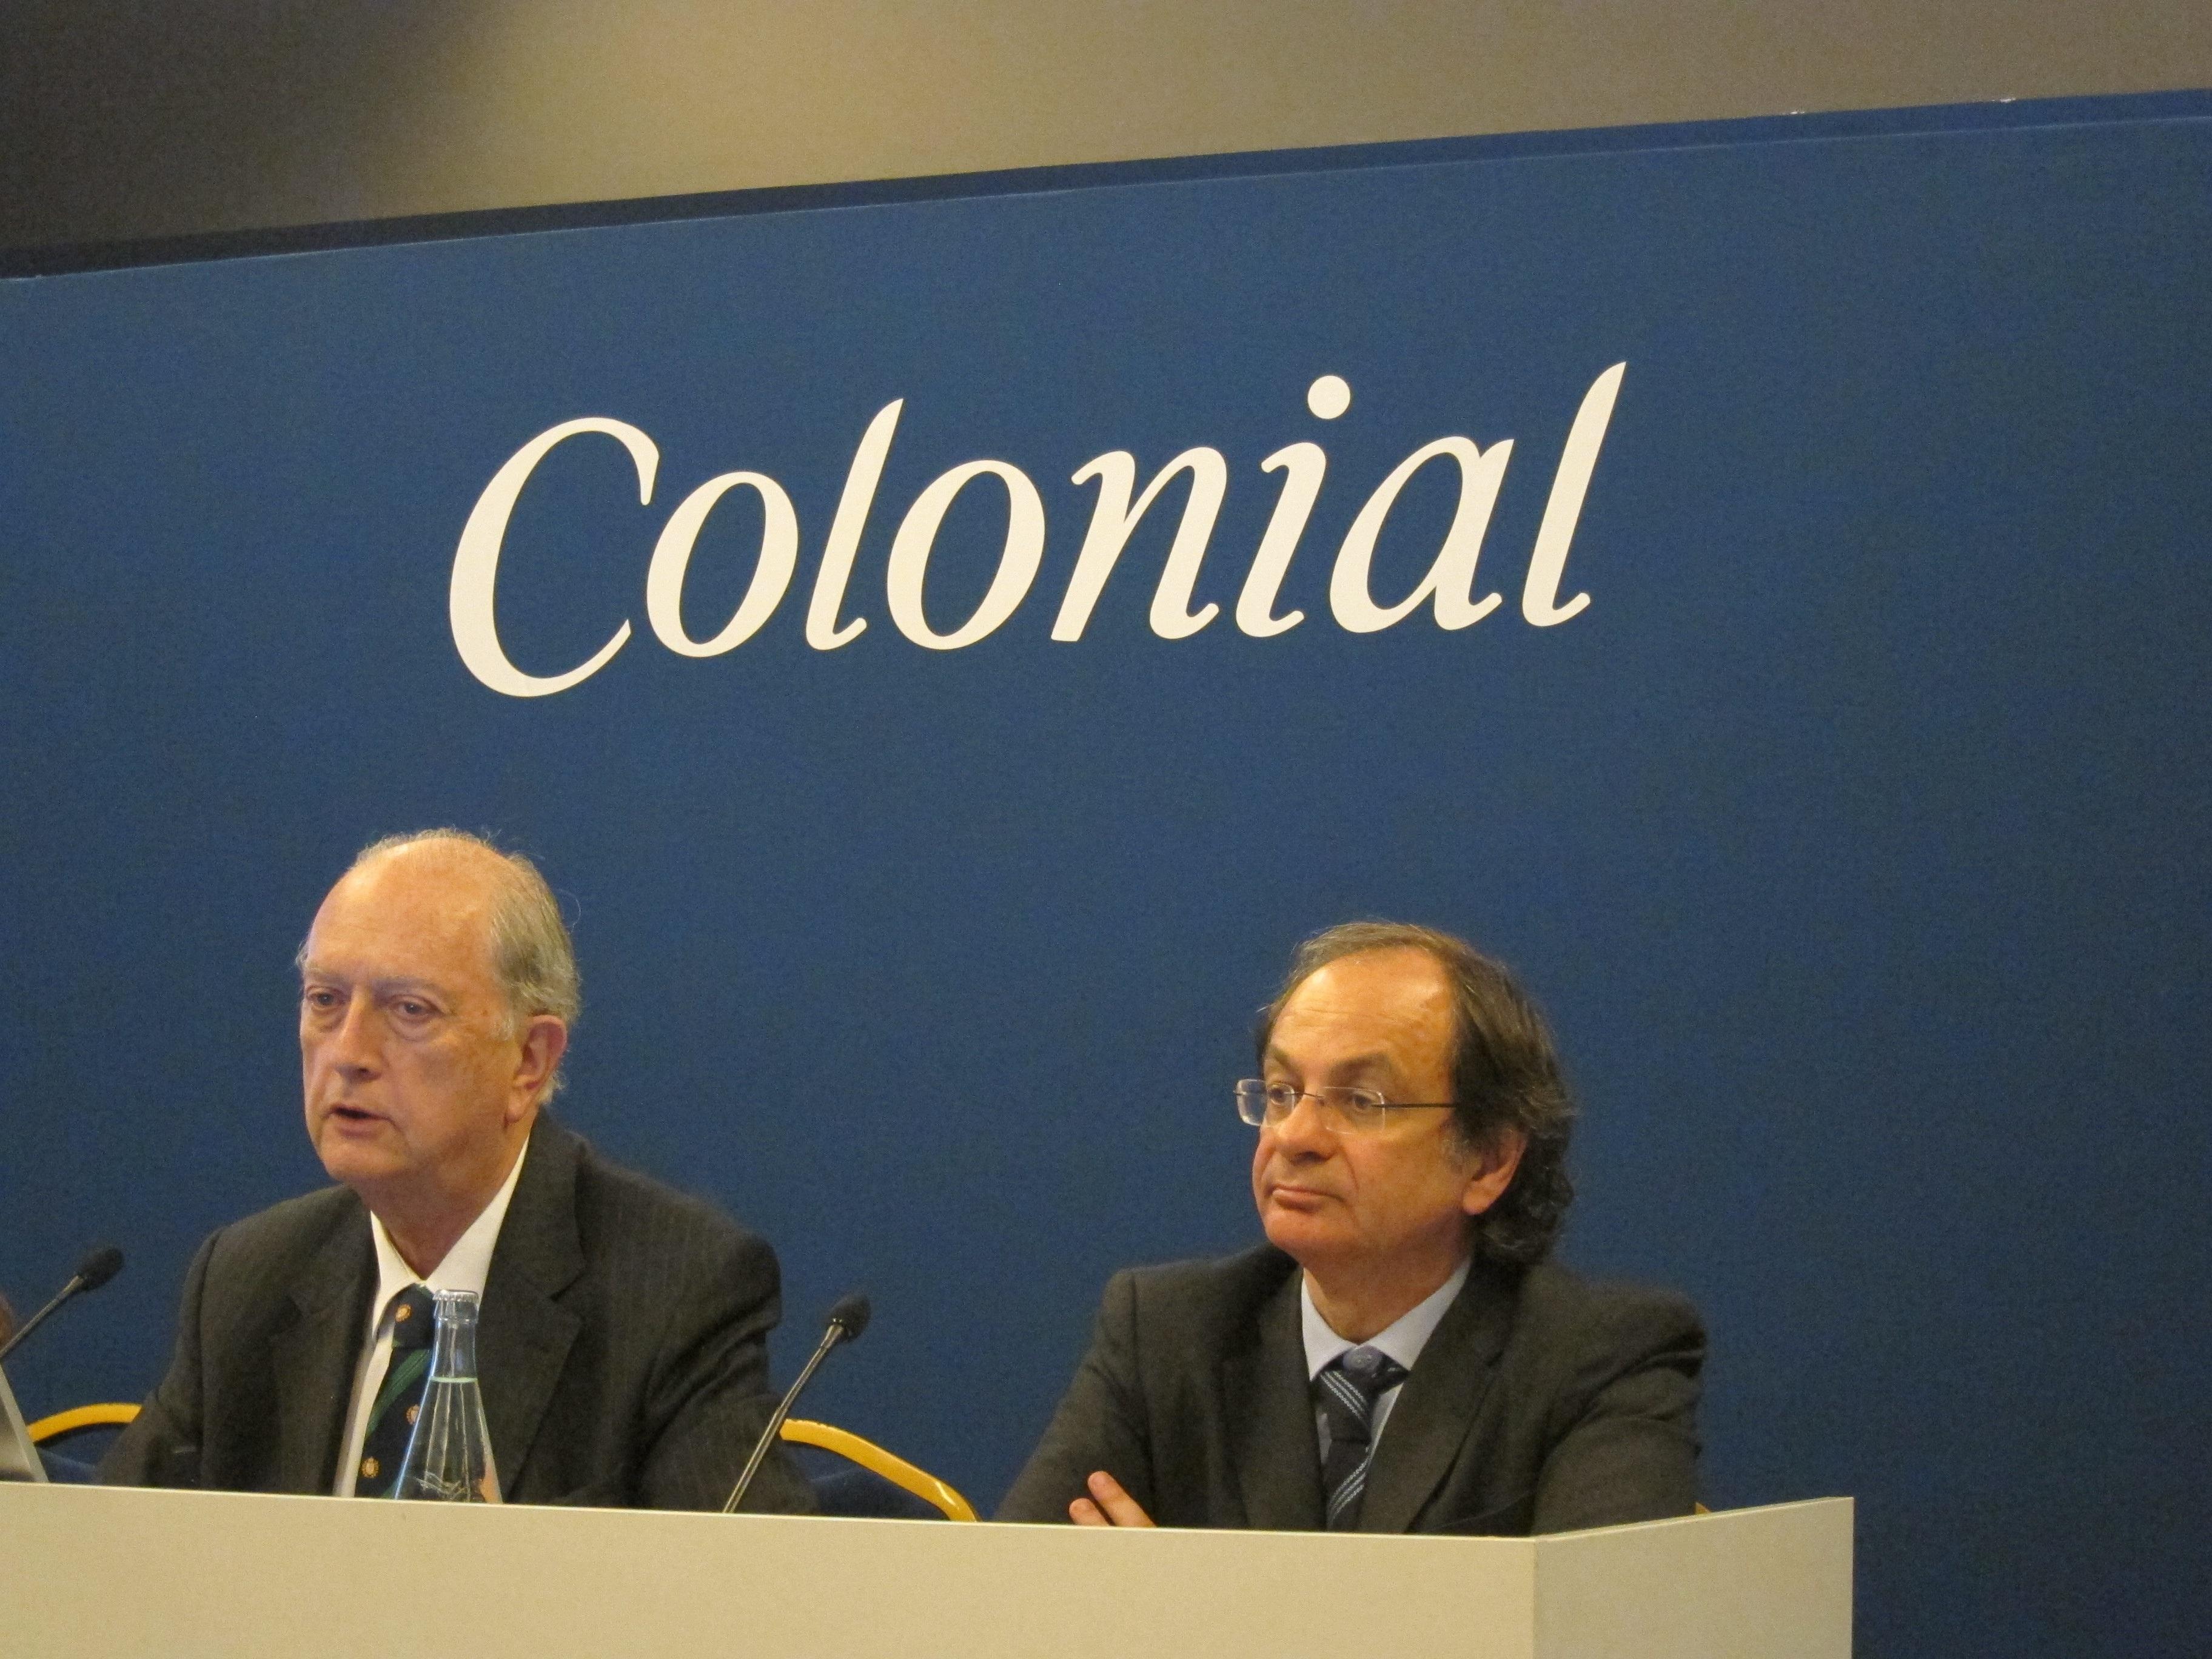 Colonial busca un préstamo sindicado de hasta 700 millones para reestructurar su deuda